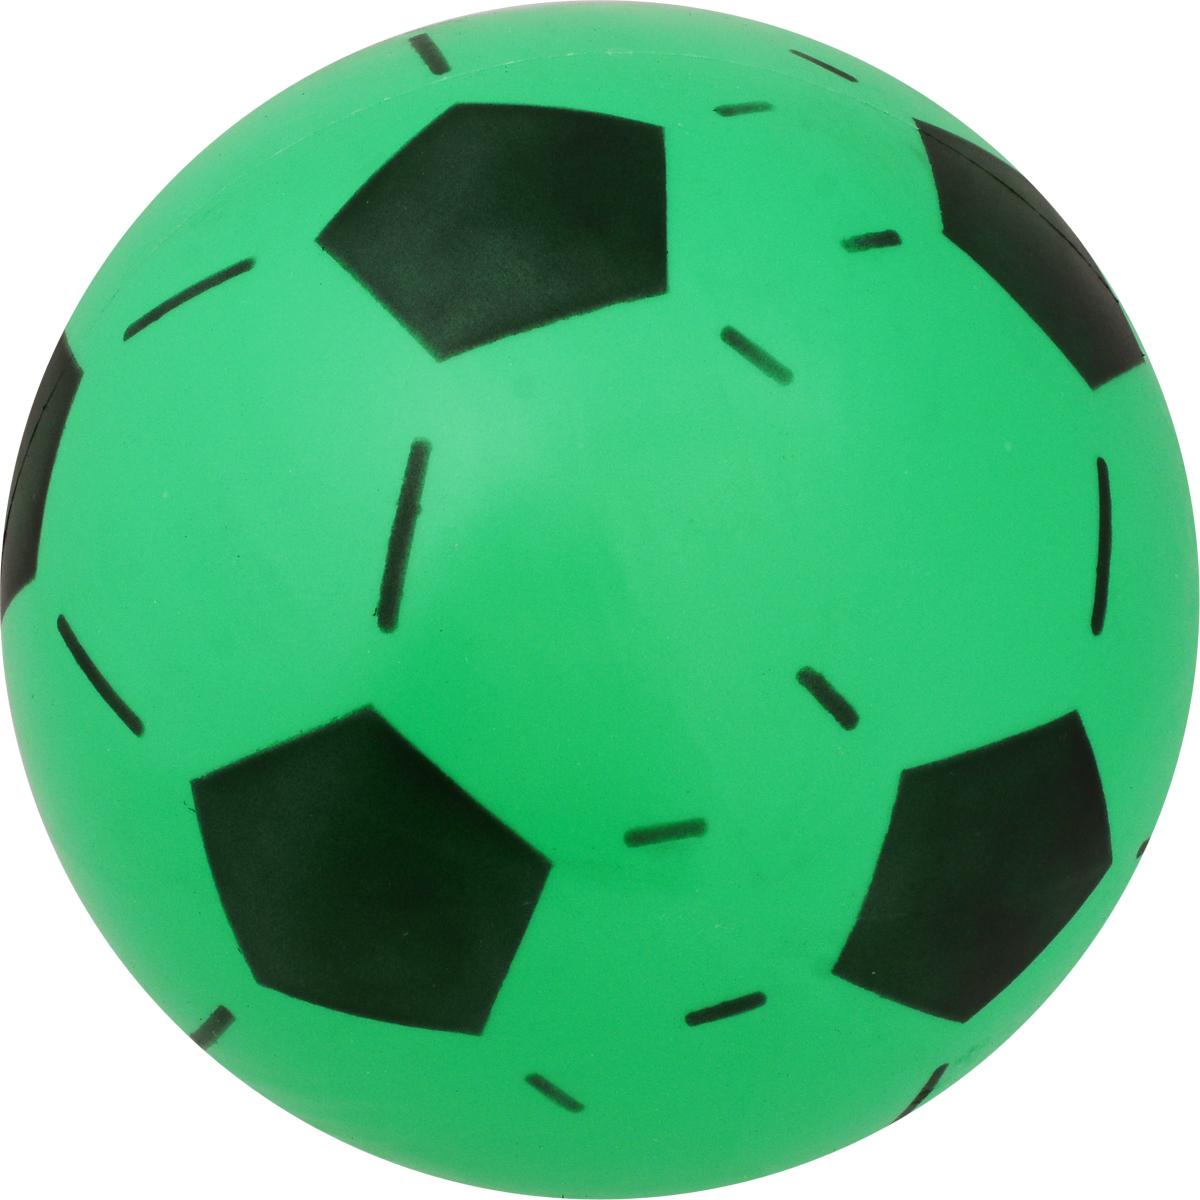 Забияка Мяч Футбольный цвет зеленый 20 см